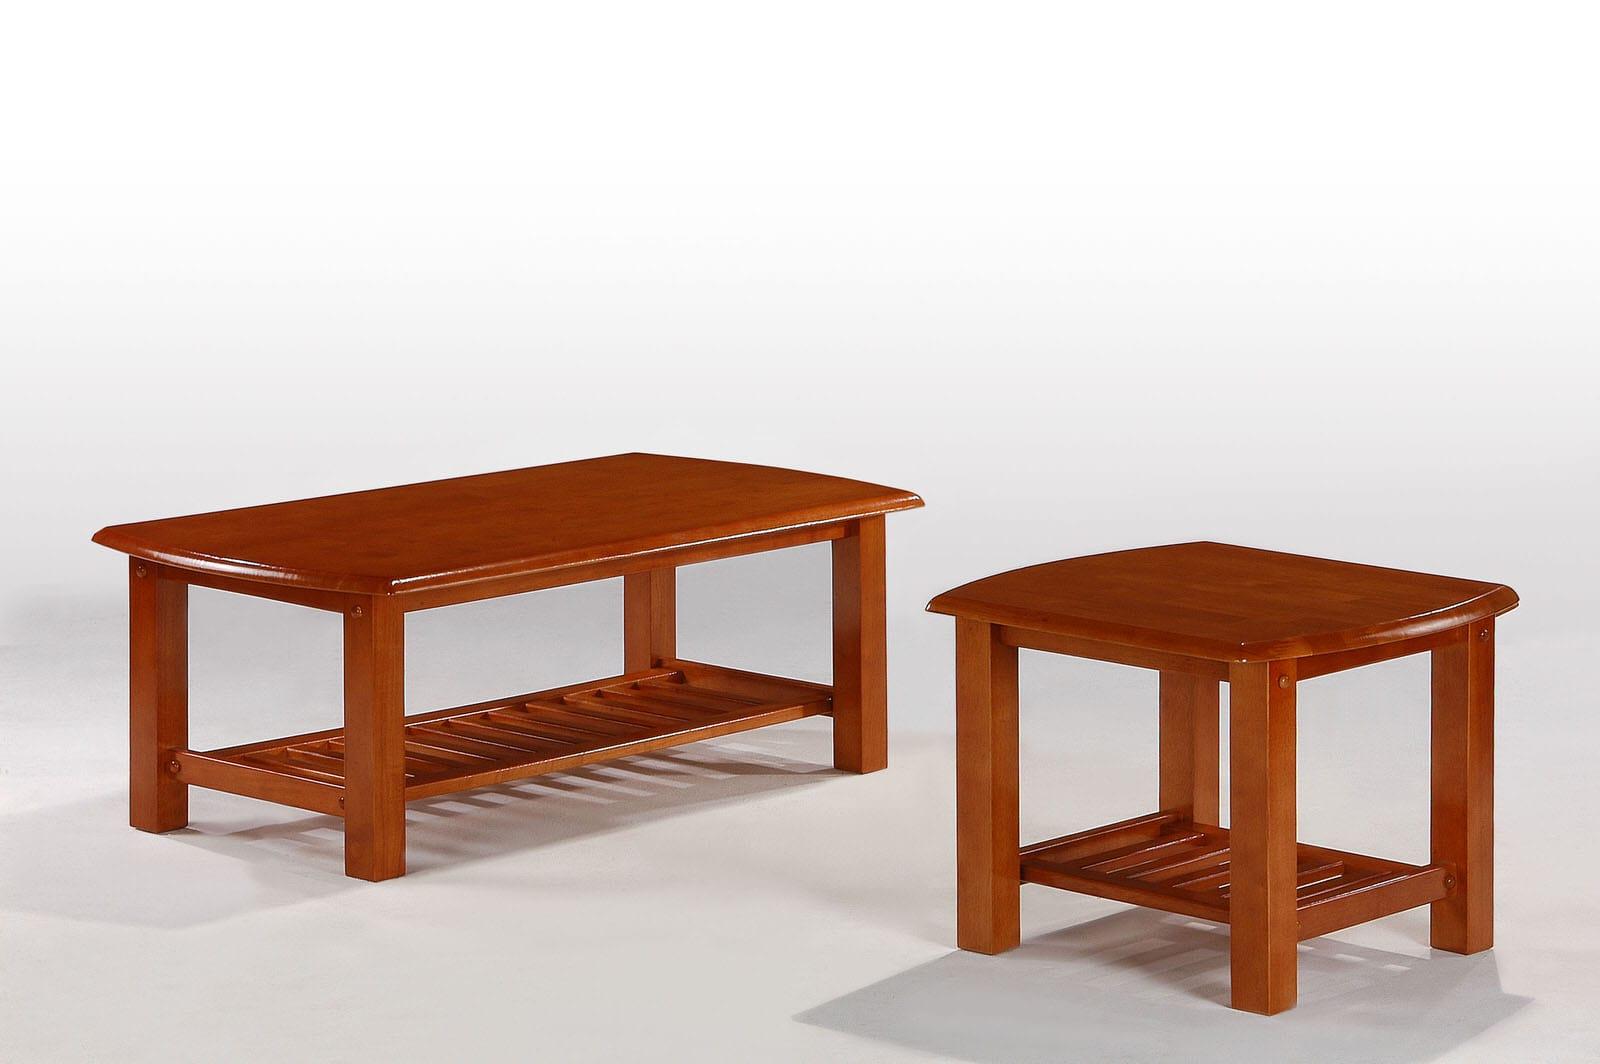 Corona Coffee Table By Night Day Furniture